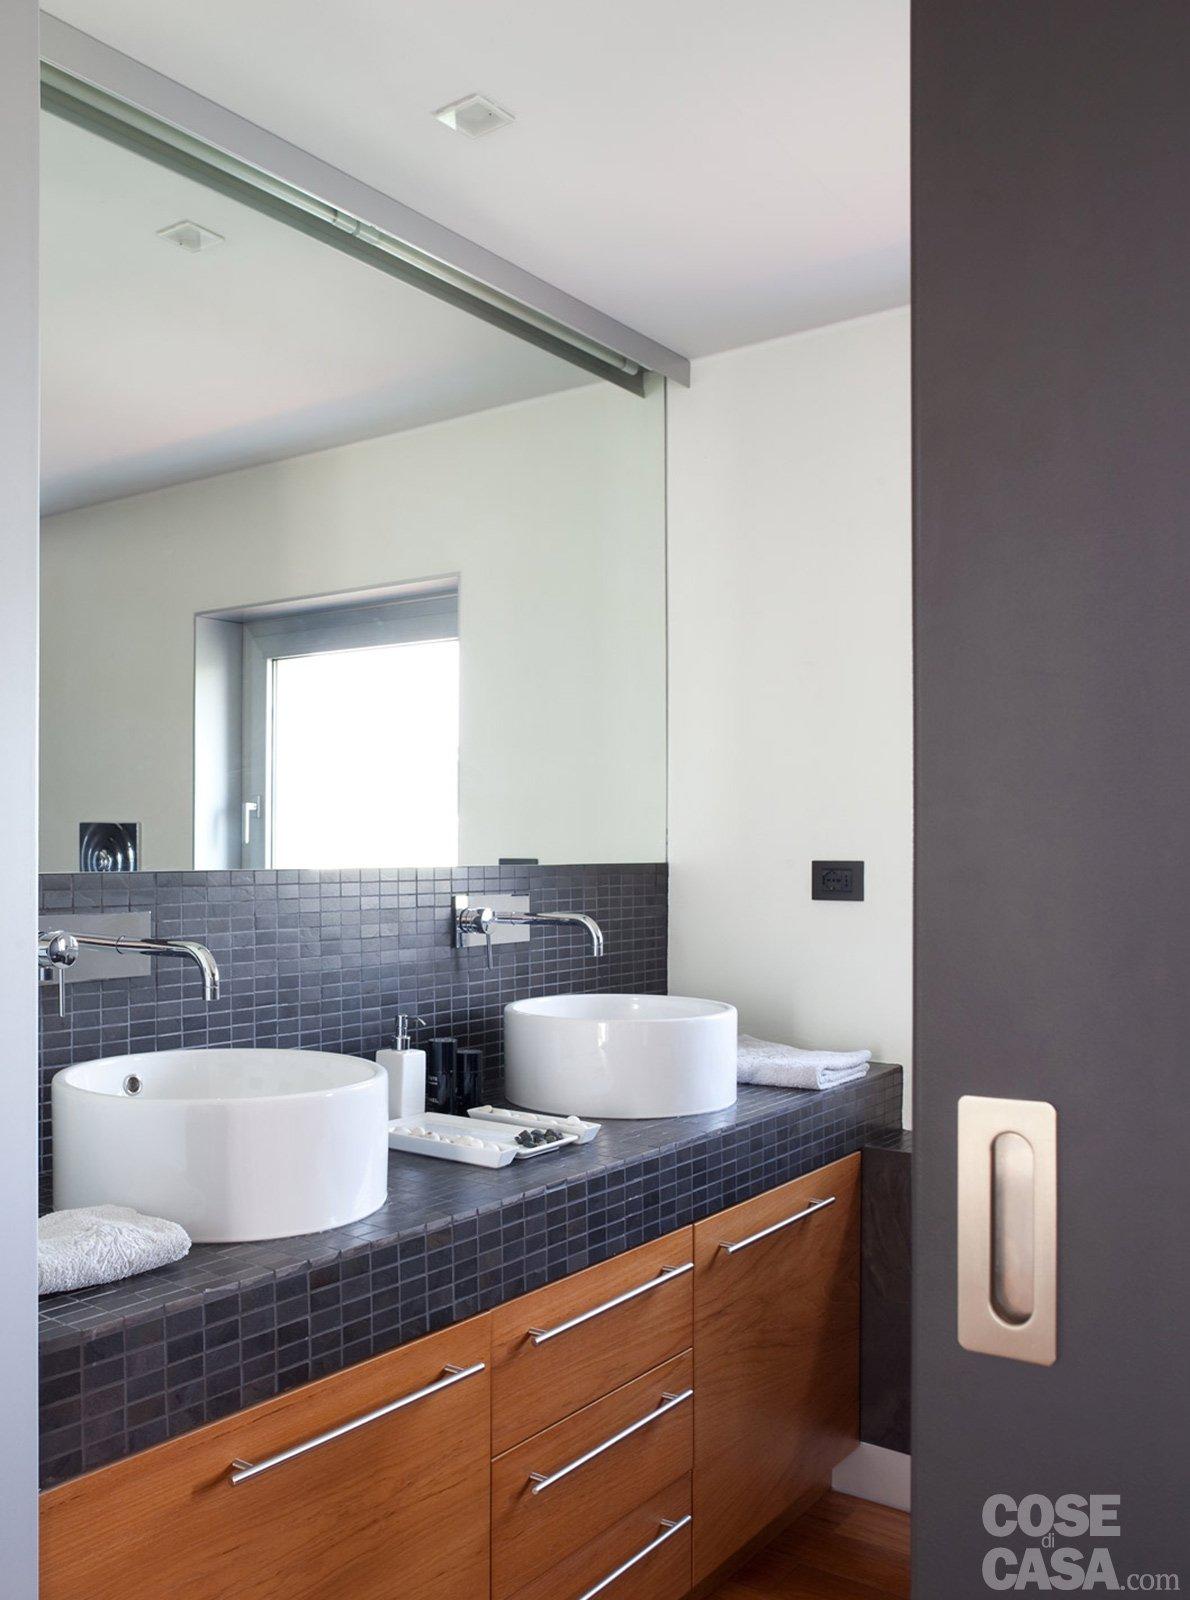 fiorentini demuth bagno 2 lavandini cose di casa